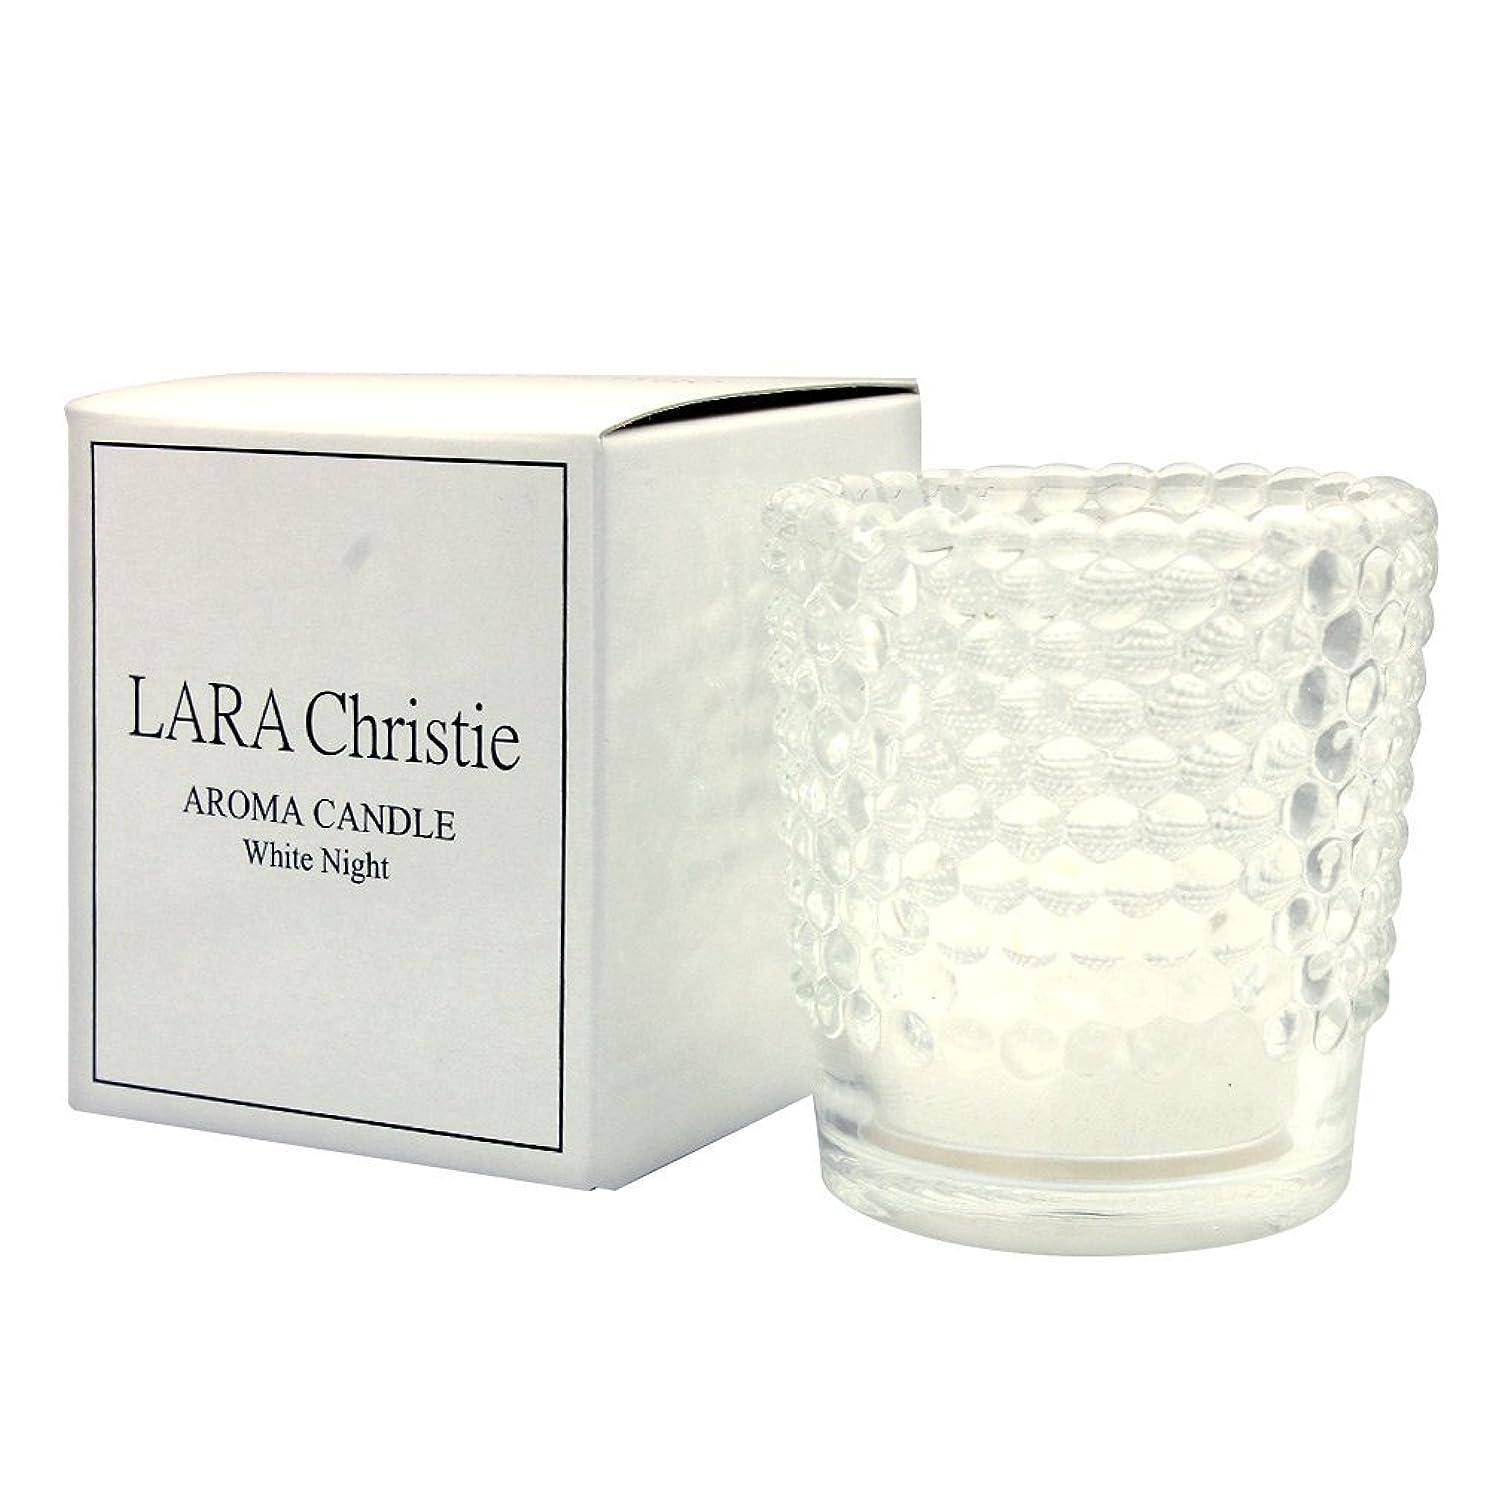 翻訳する分割スタック[ララクリスティー] LARA Christie ホワイトナイト アロマキャンドル [ WHITE Label ] a0011-w